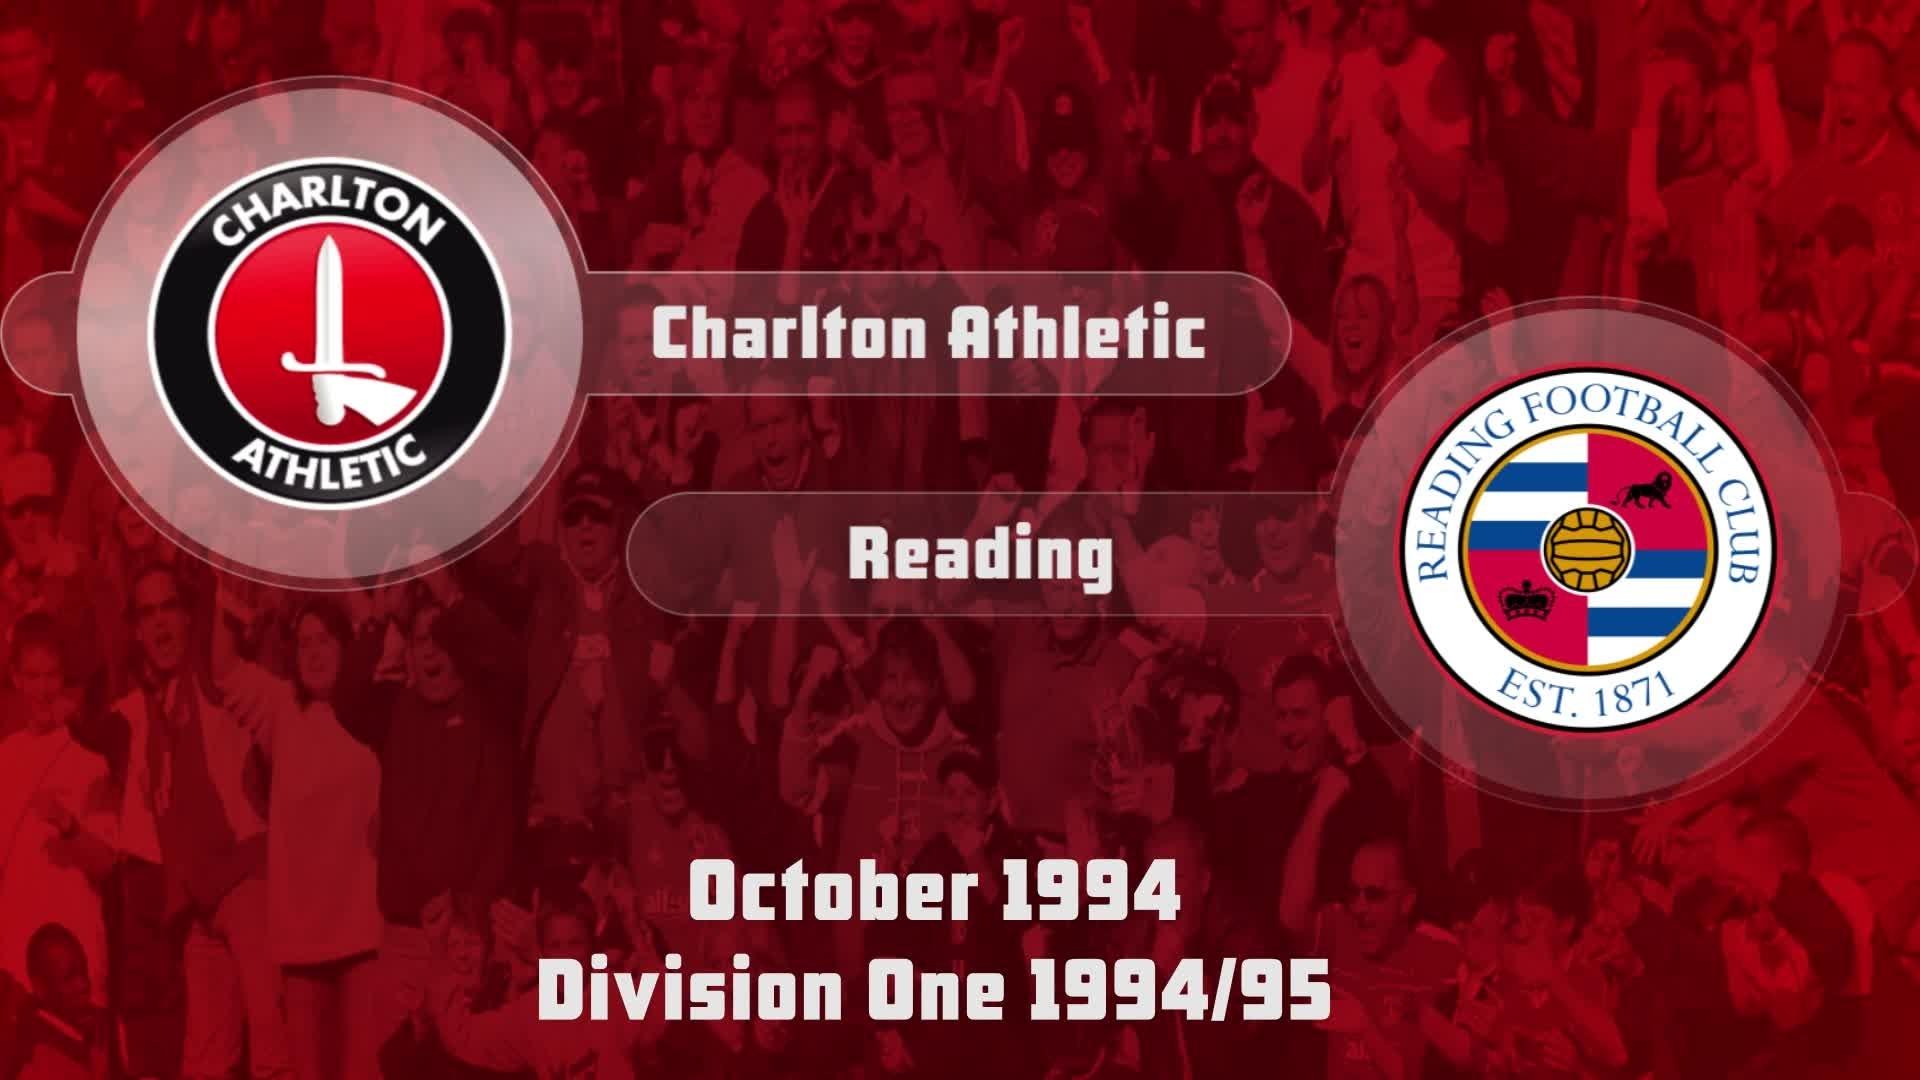 13 HIGHLIGHTS | Charlton 1 Reading 2 (Oct 1994)